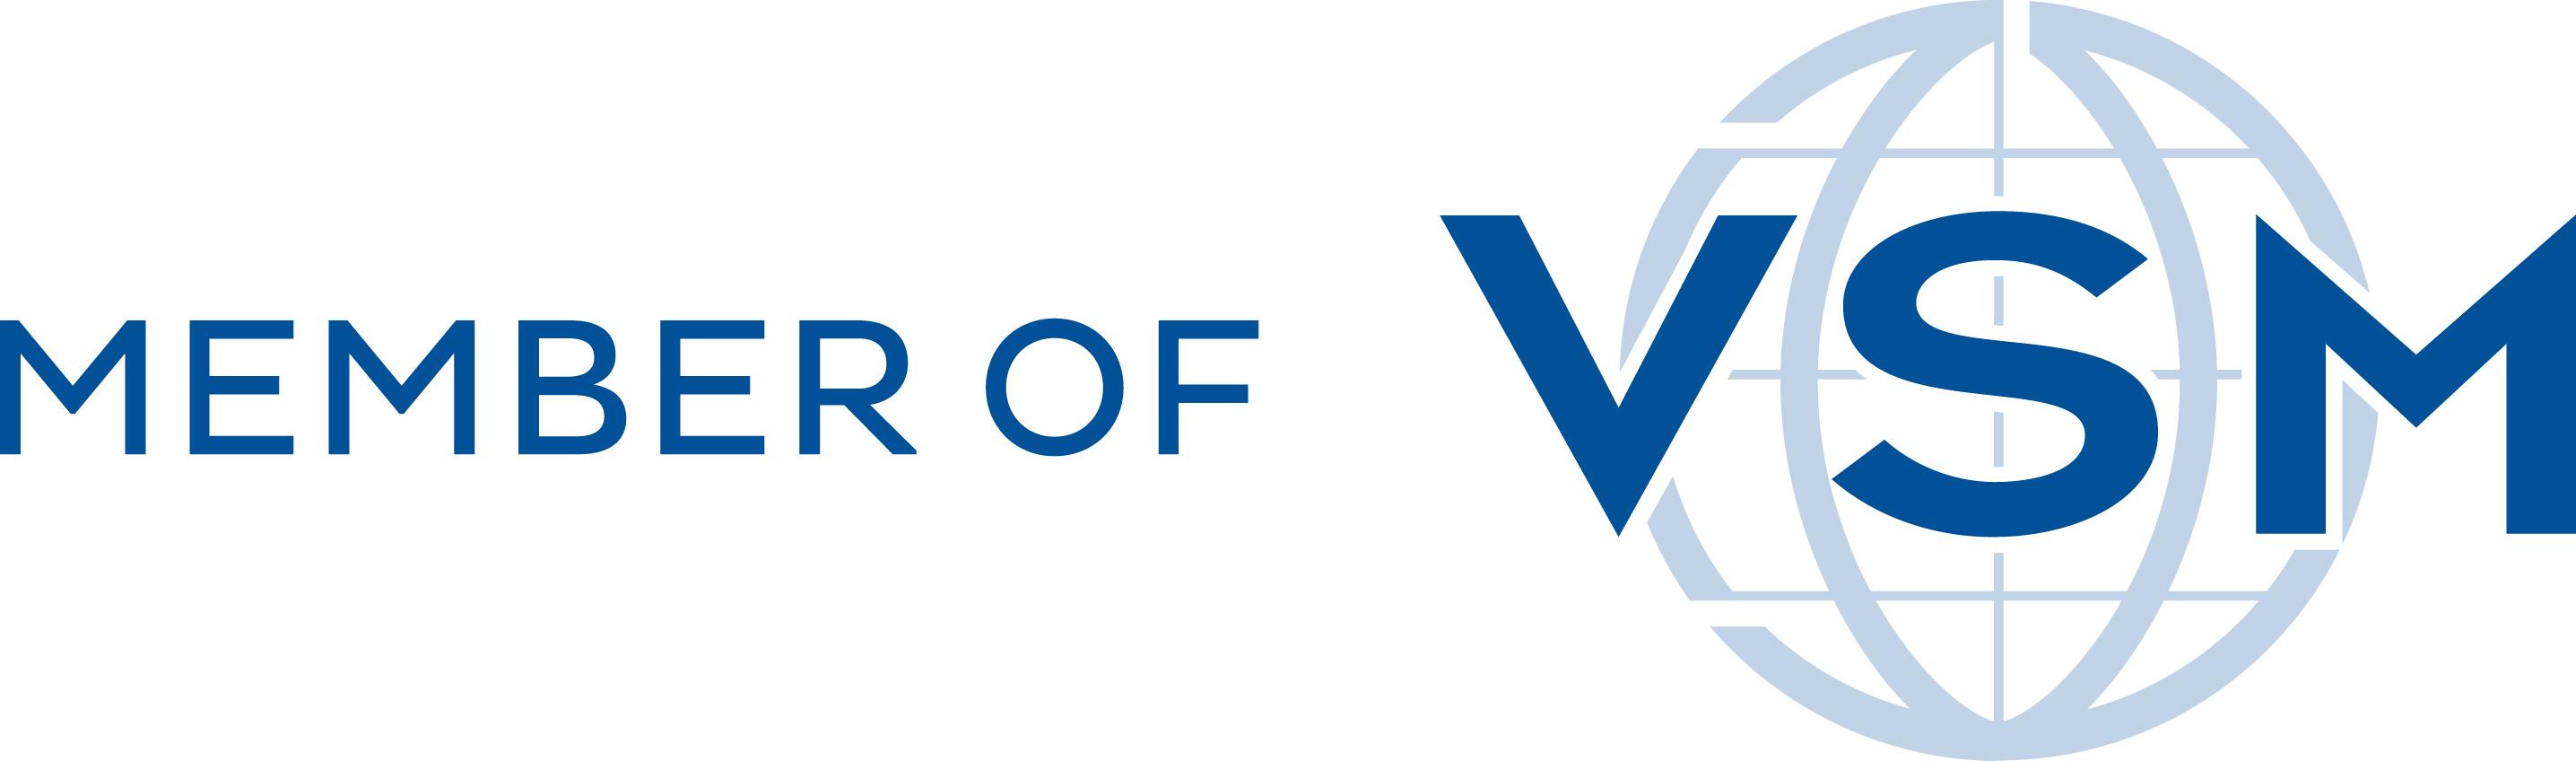 VSM_Logo_Member_of_V4_w_RGB